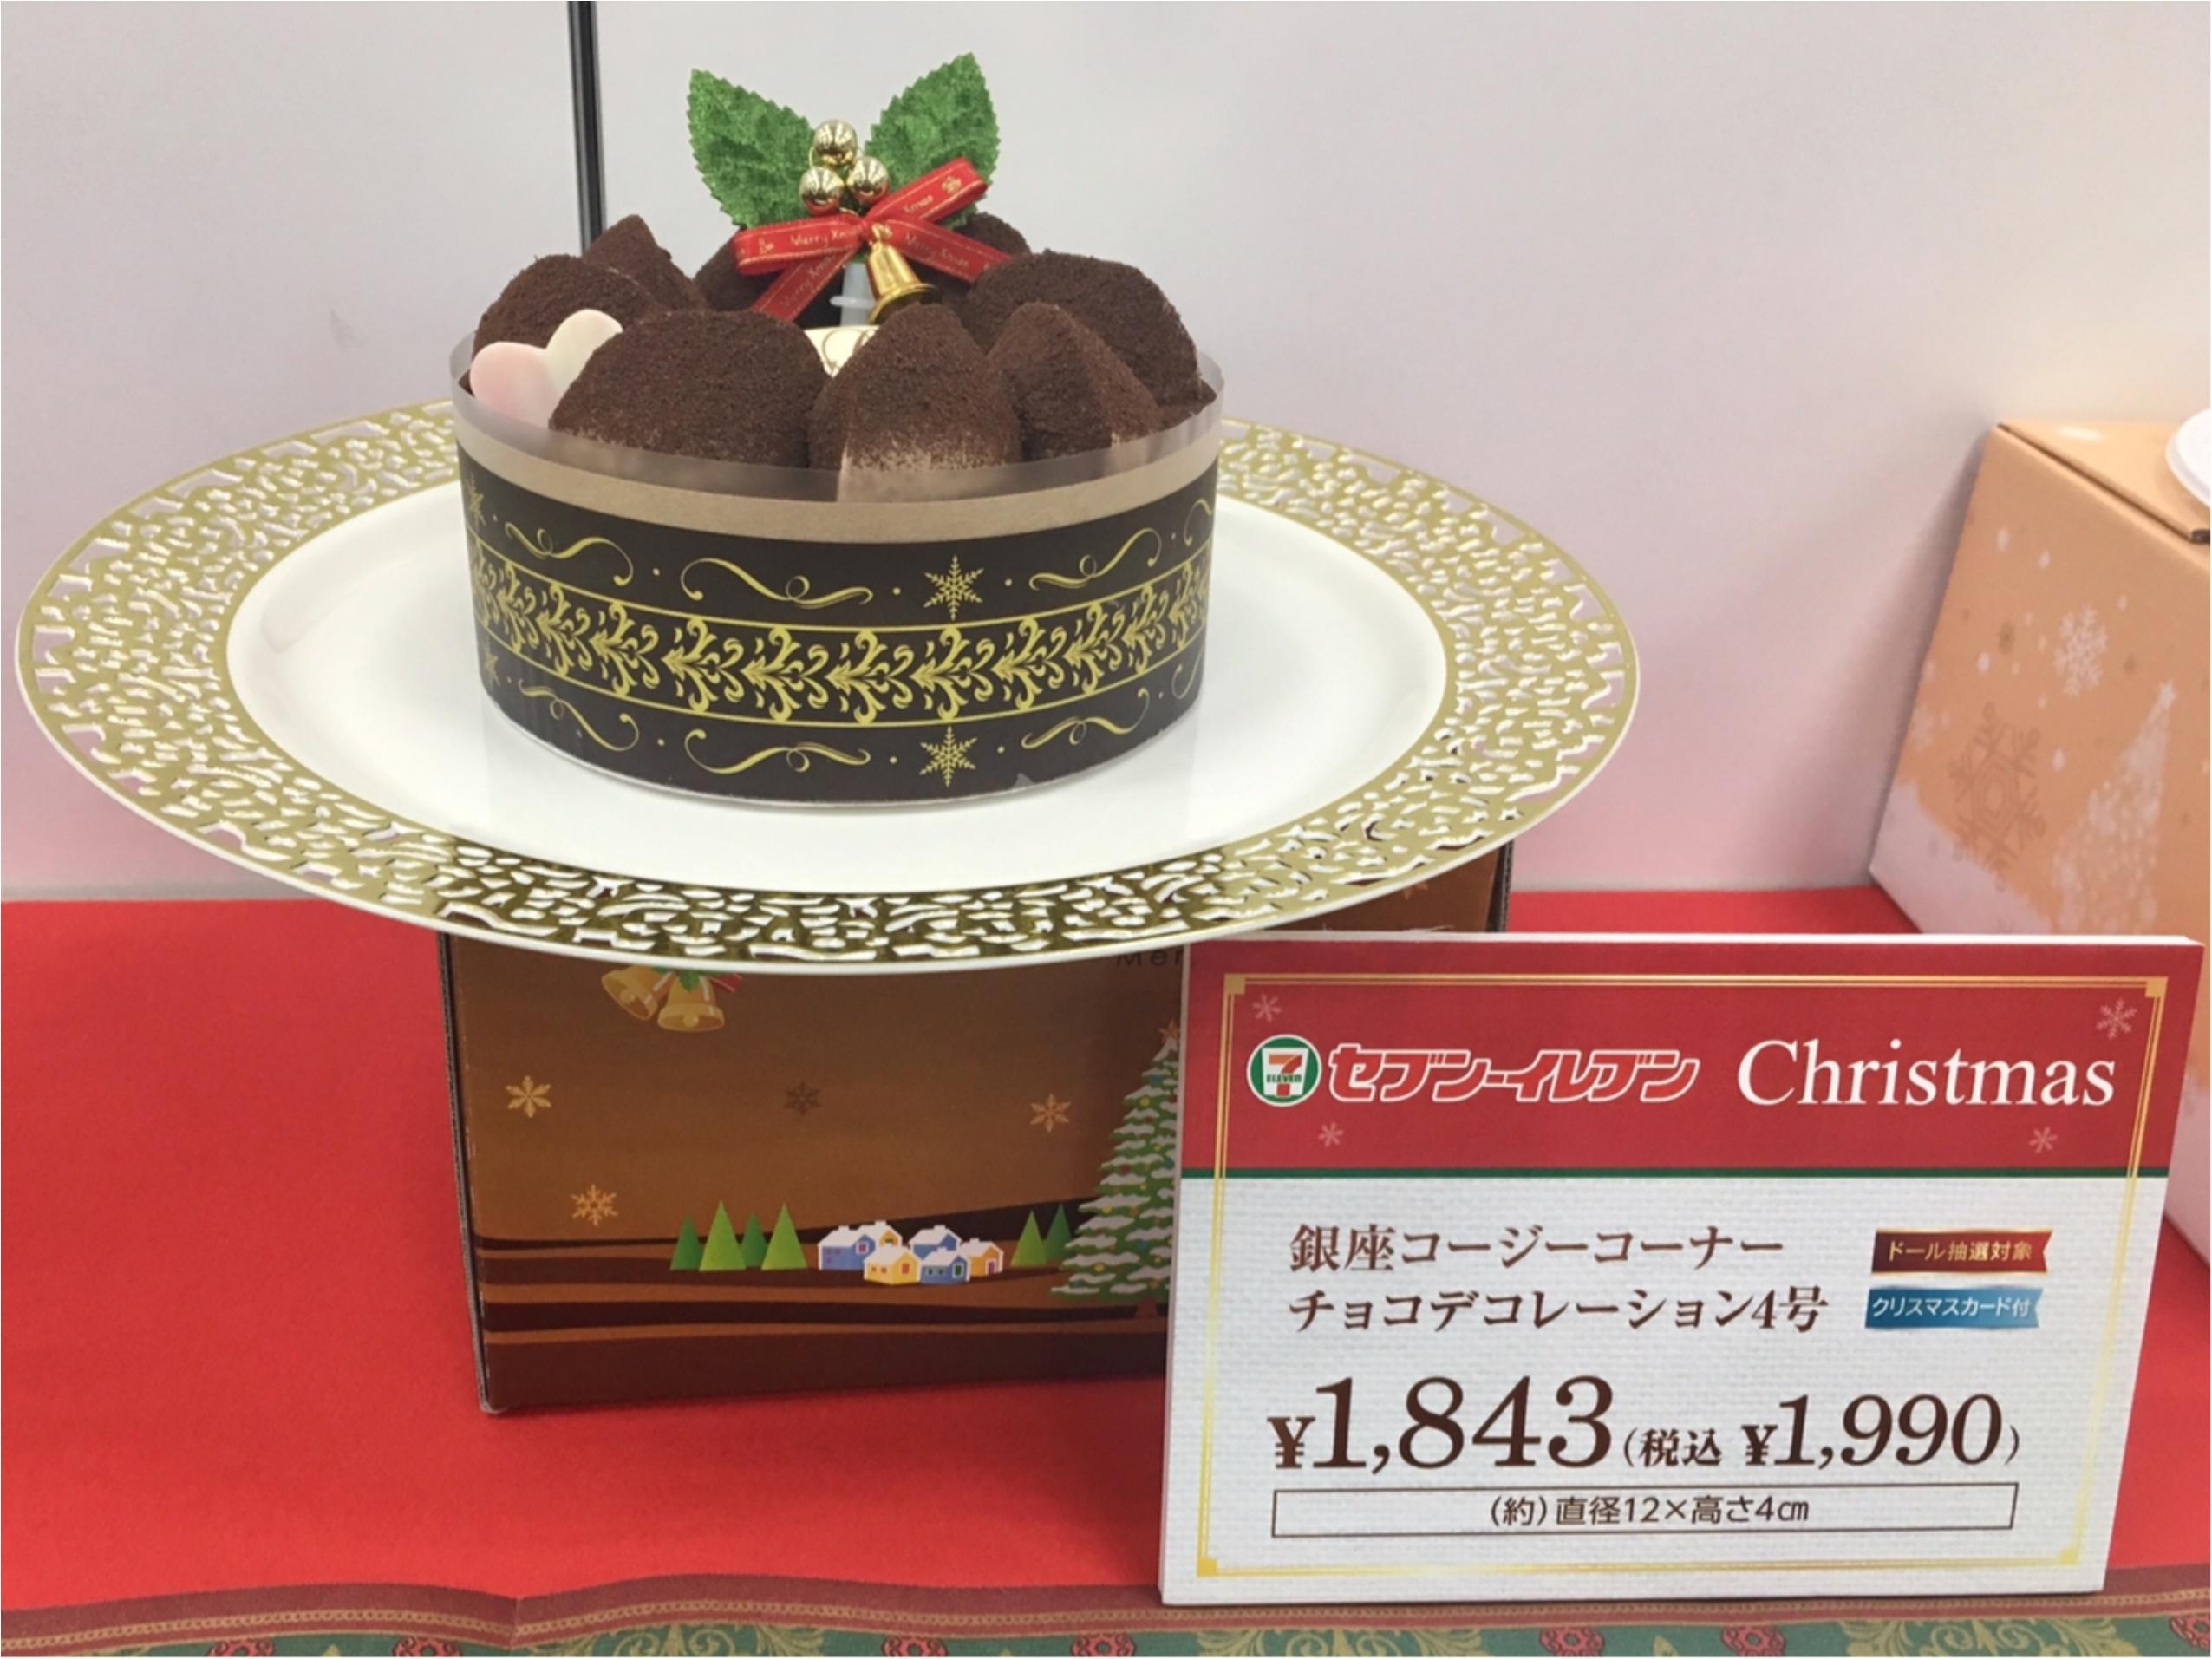 【セブンイレブン】いよいよクリスマス!ケーキどうする?試食会レポート_4